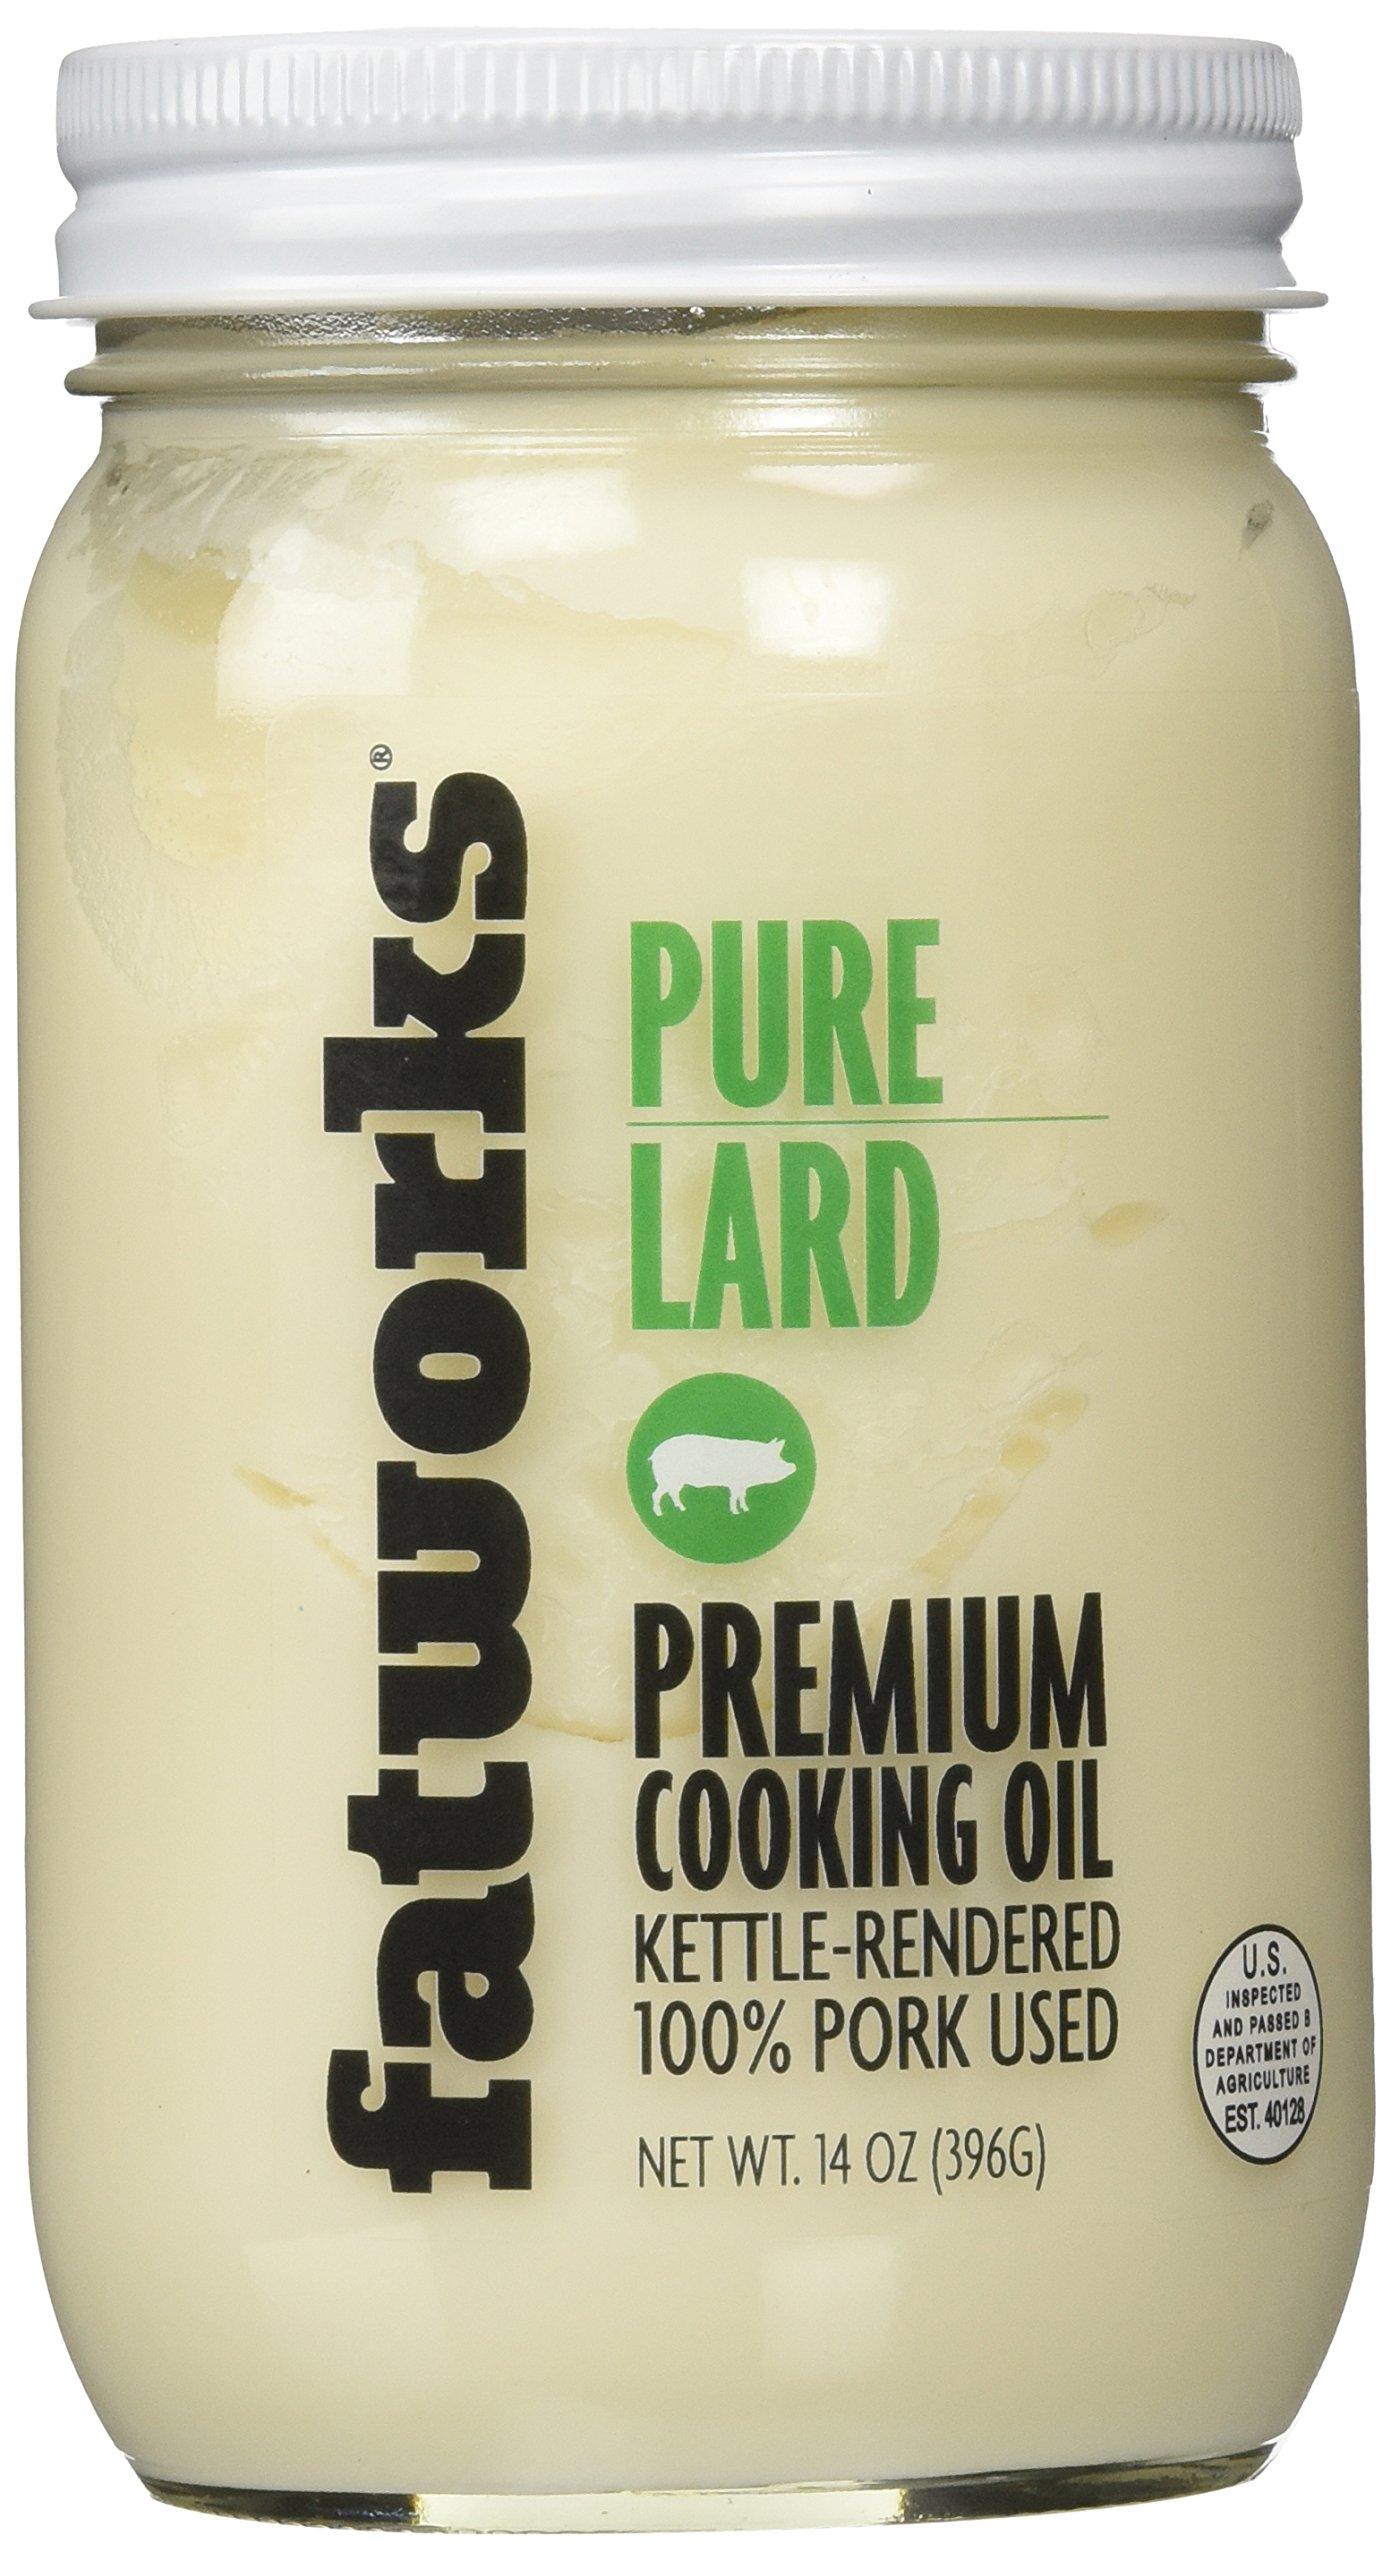 Pure Pork Lard, Free Range & Pasture Raised, 14oz (1 Jar)